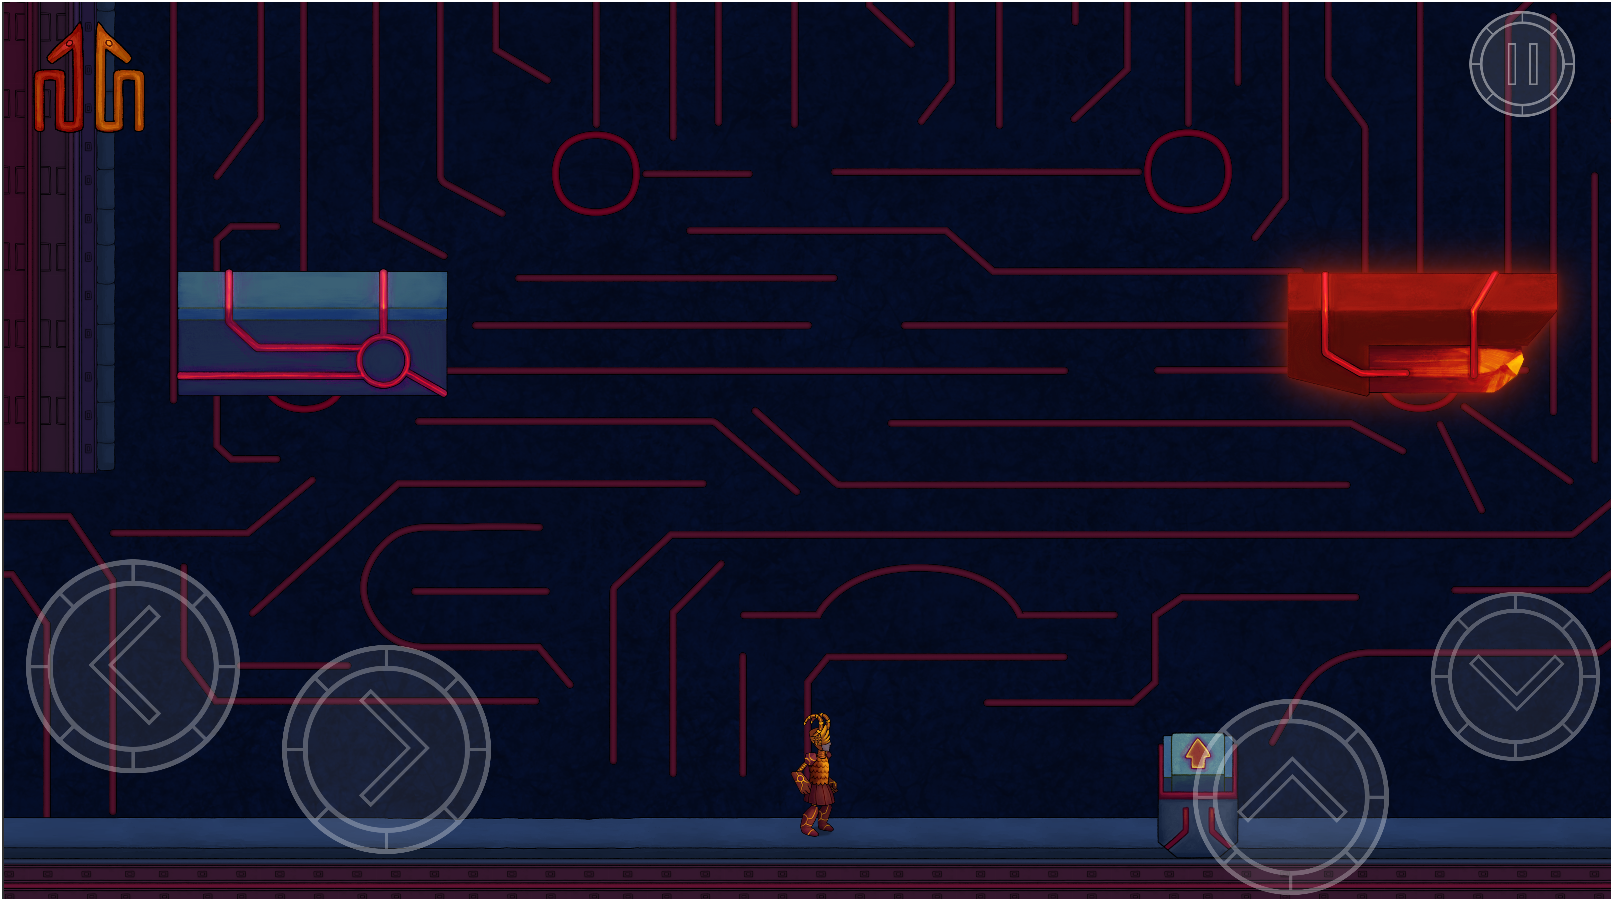 gameplay screenshot - buttons